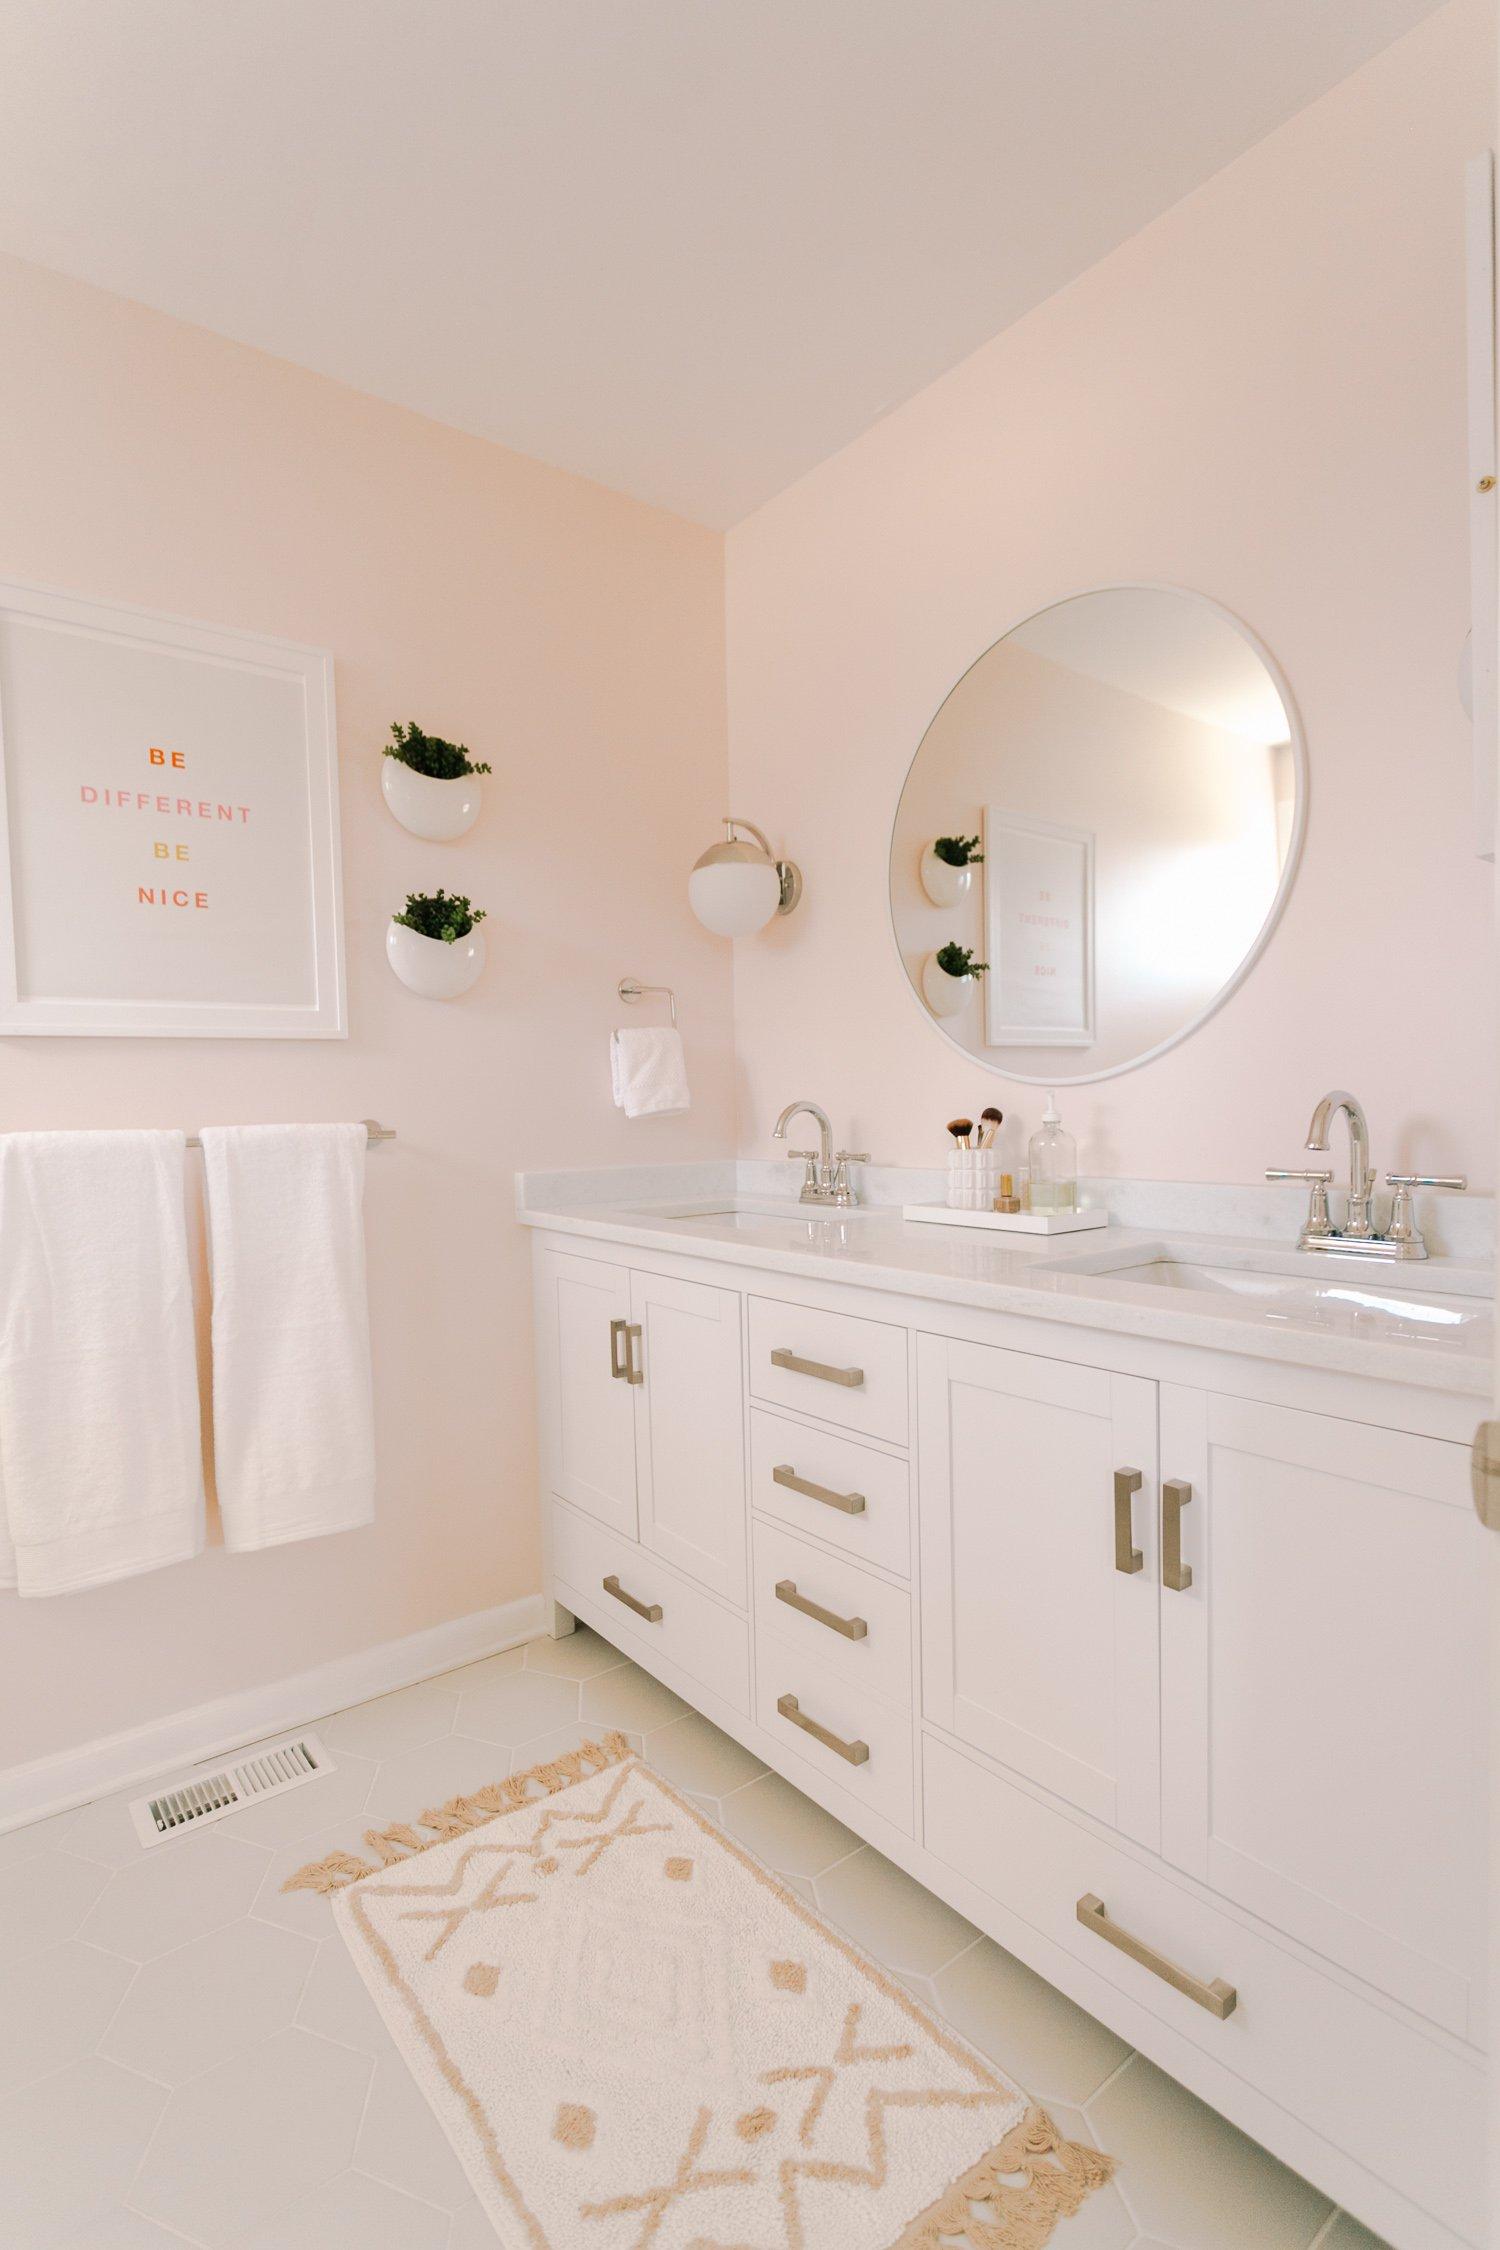 Round white mirror in a blush bathroom